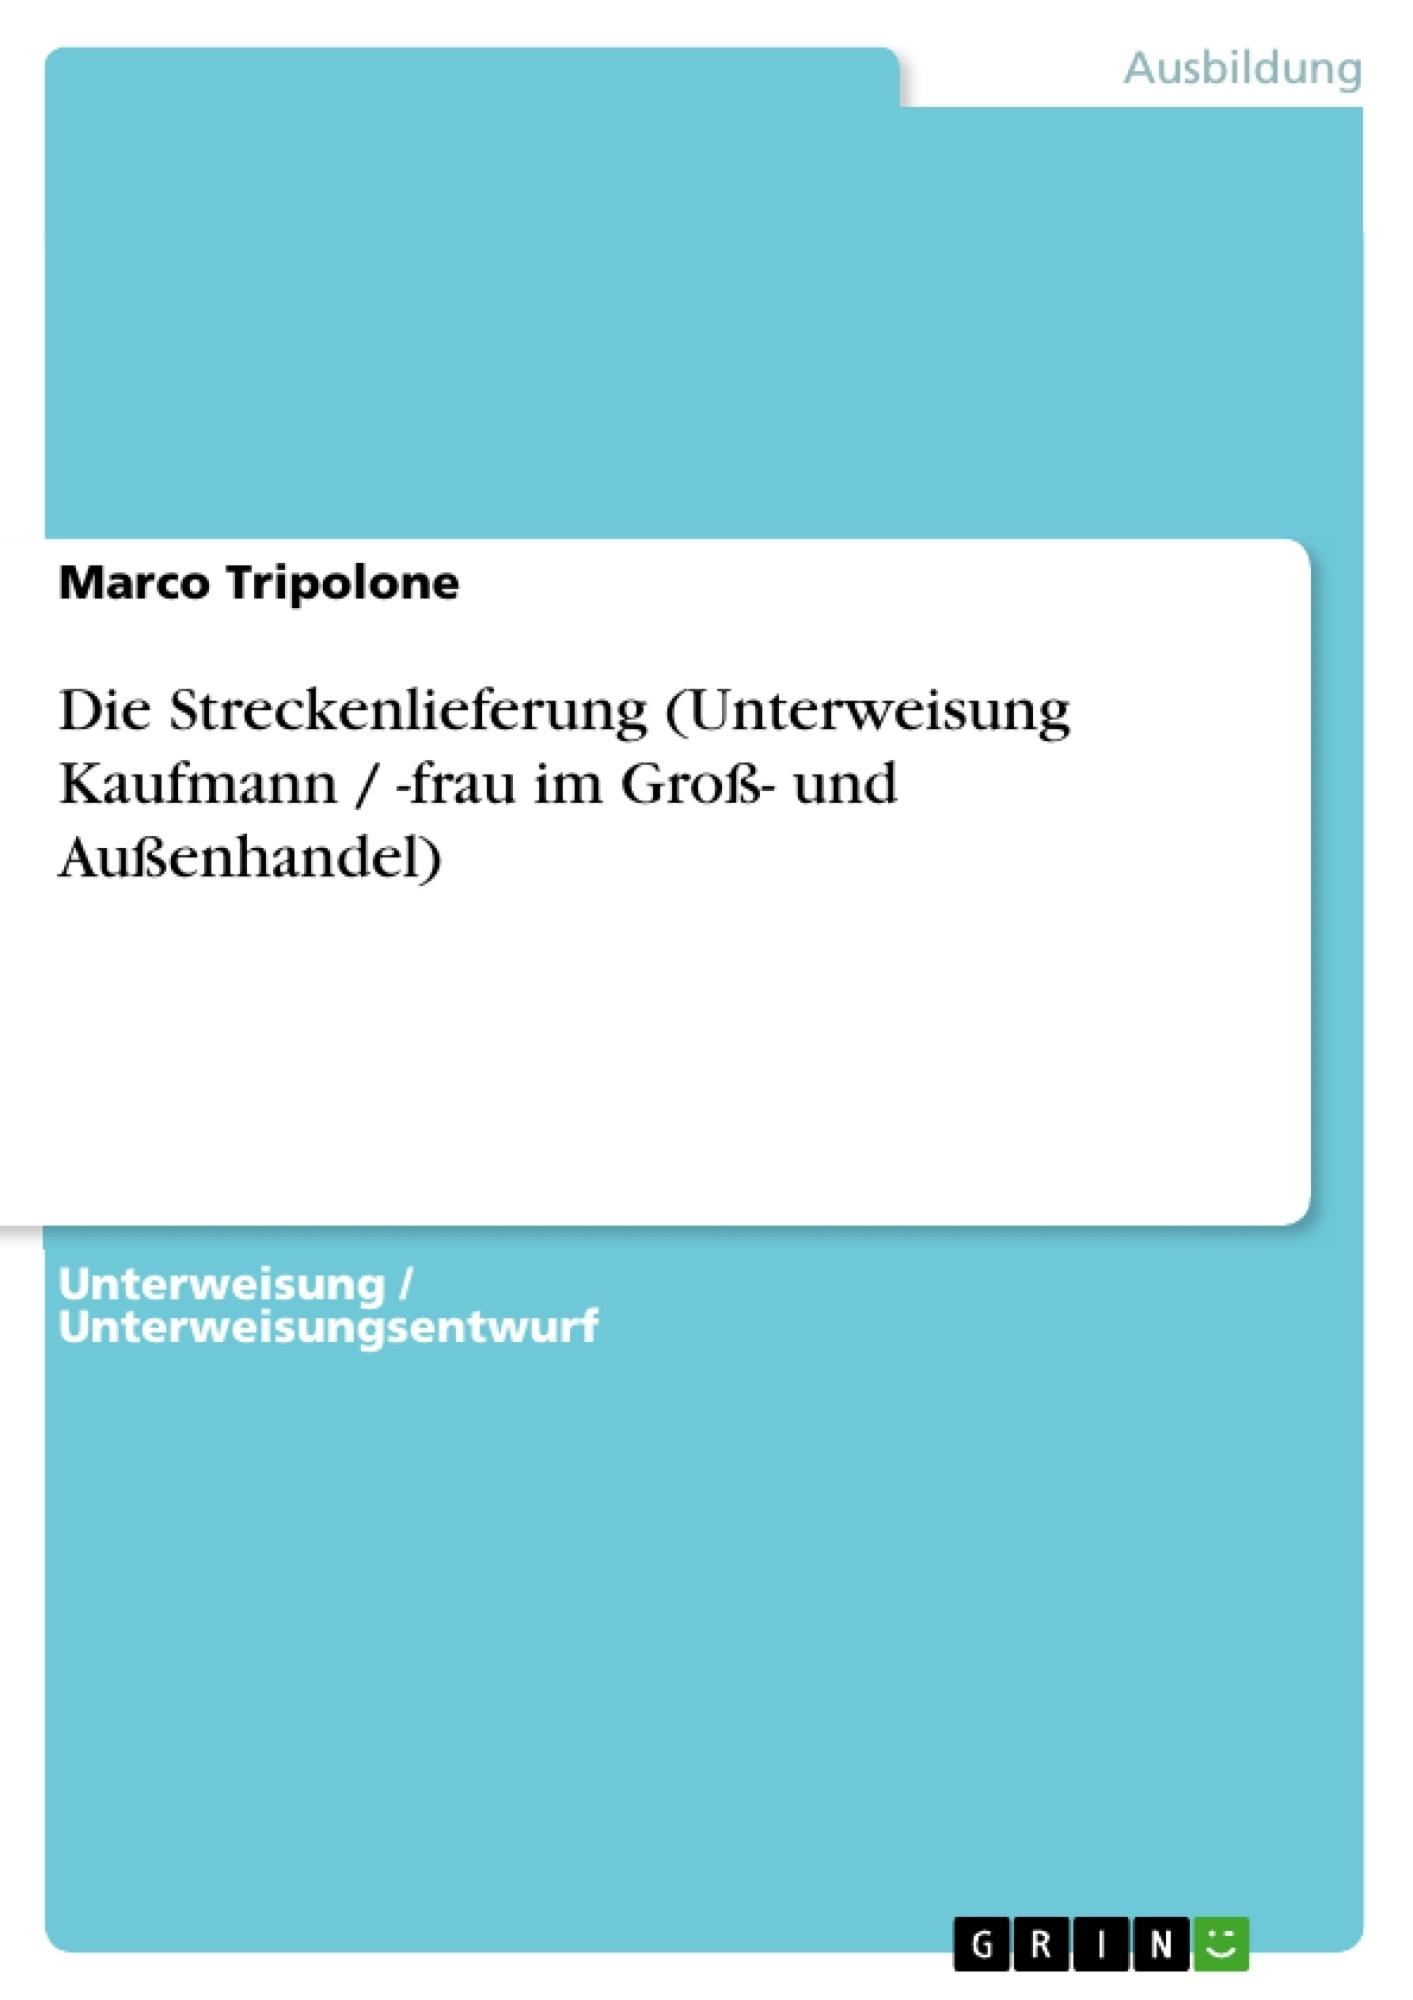 Titel: Die Streckenlieferung (Unterweisung Kaufmann / -frau im Groß- und Außenhandel)